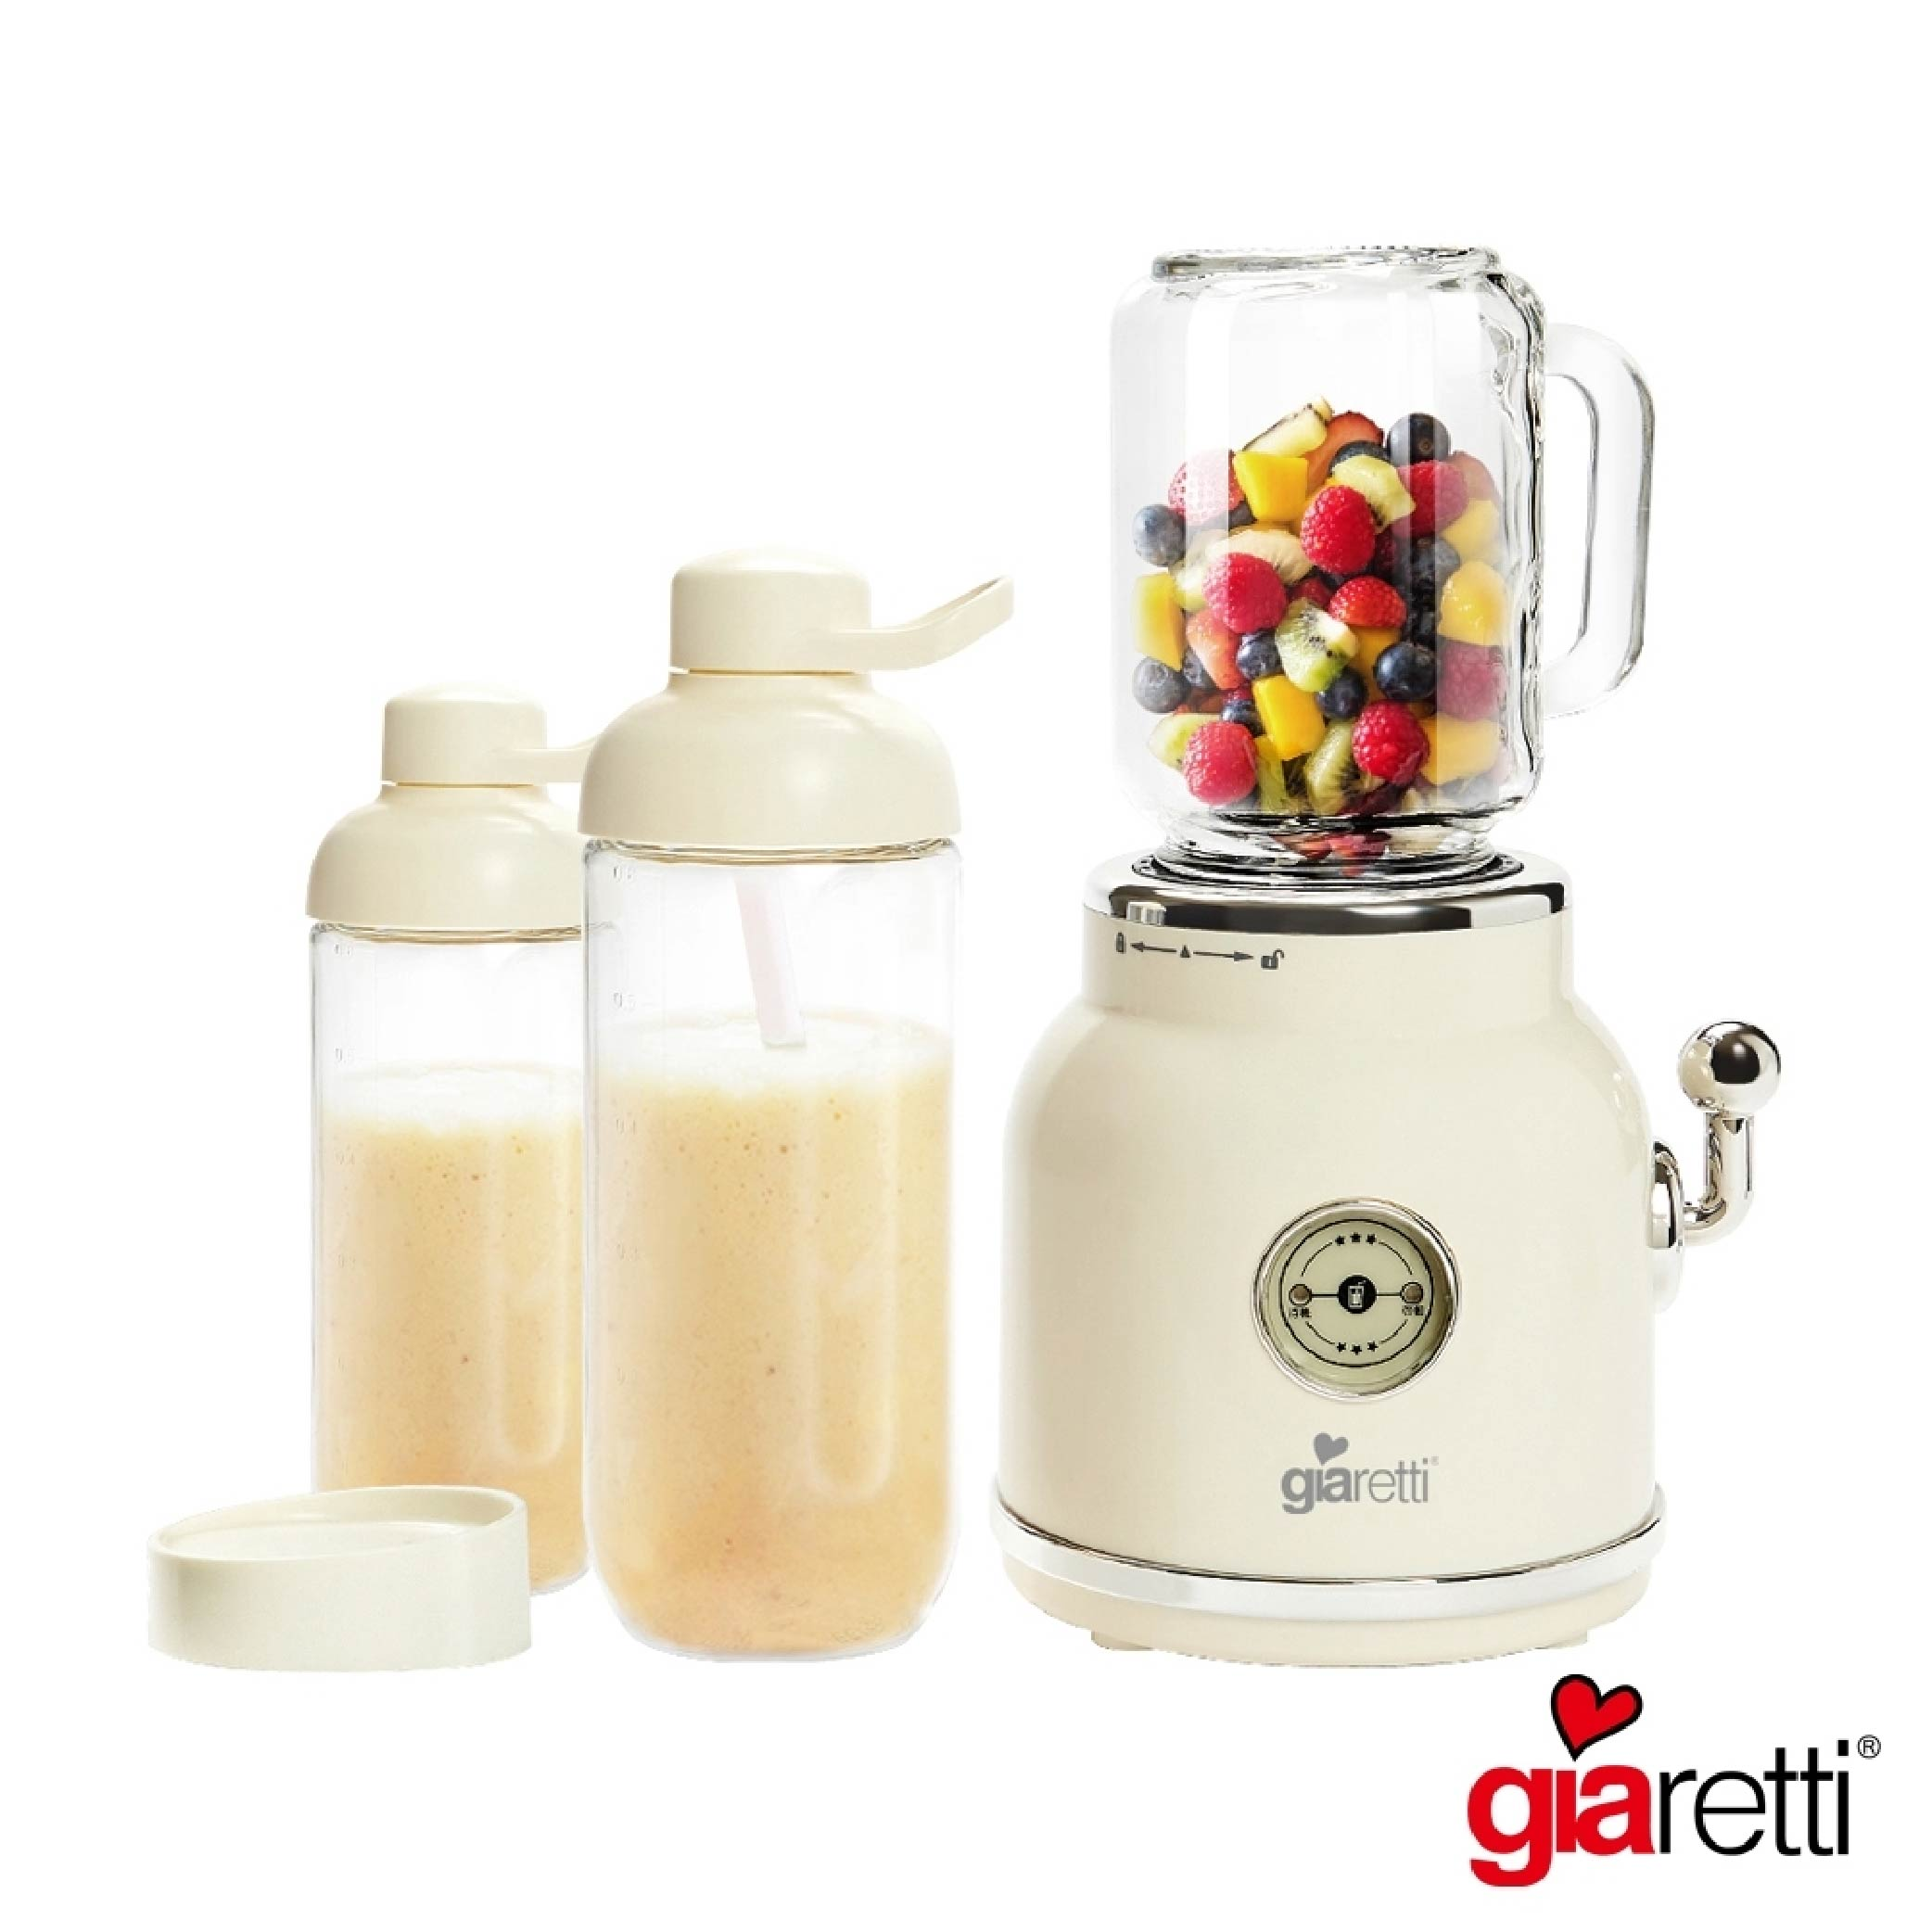 【Giaretti】復古隨行果汁機